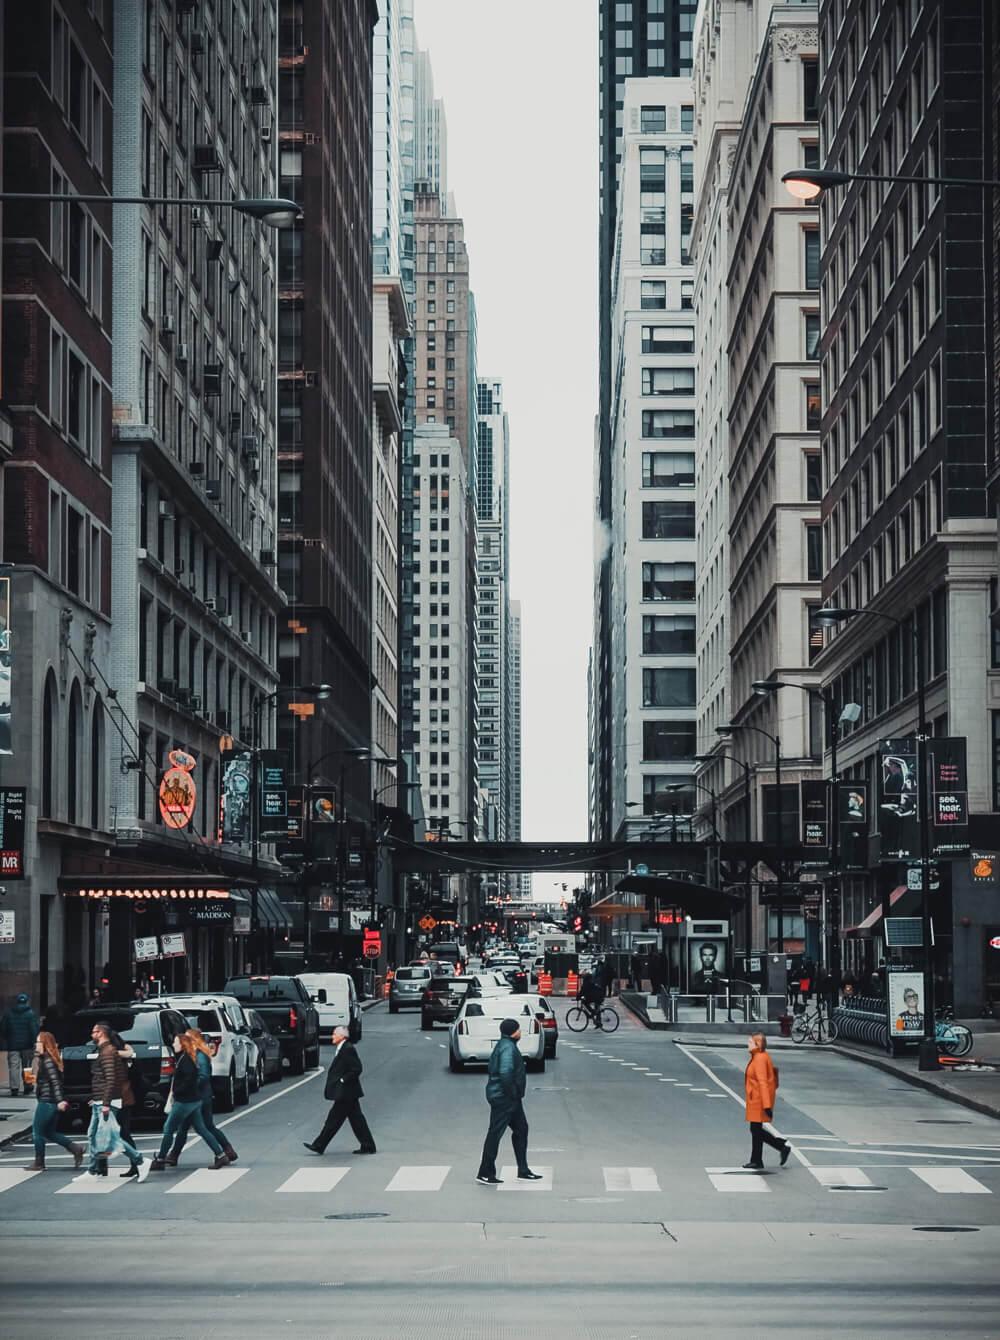 chicago street by millenium park